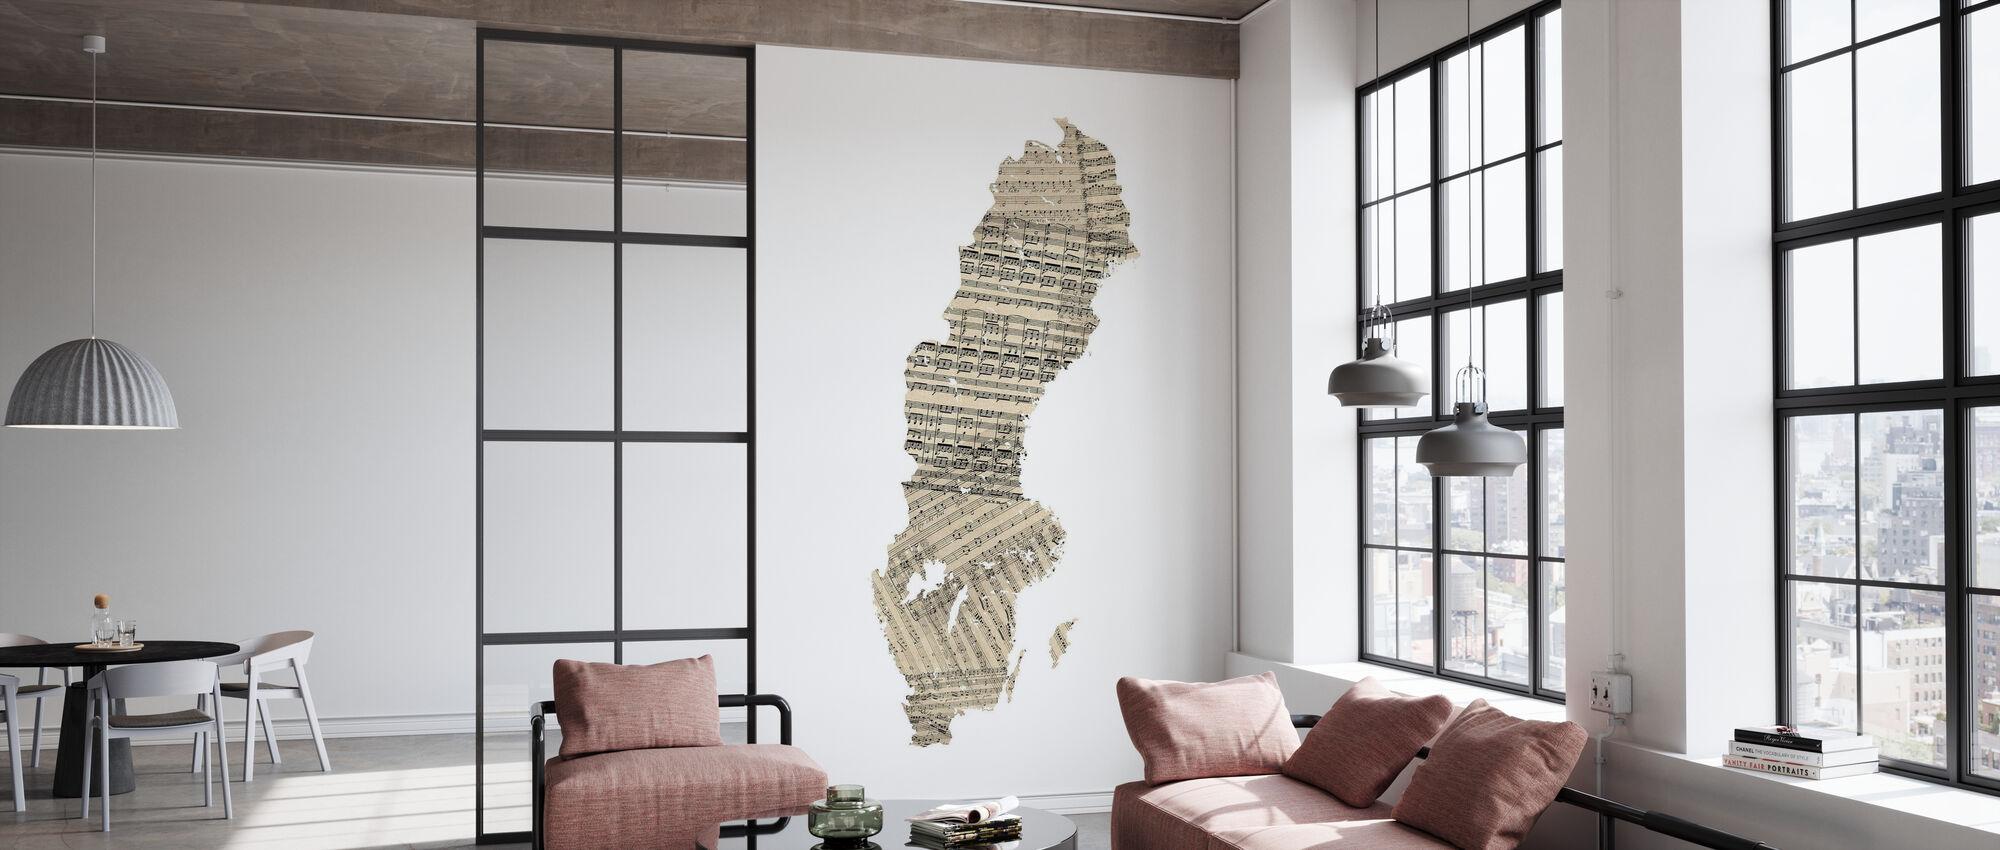 Suecia Old Music Sheet Map - Papel pintado - Oficina